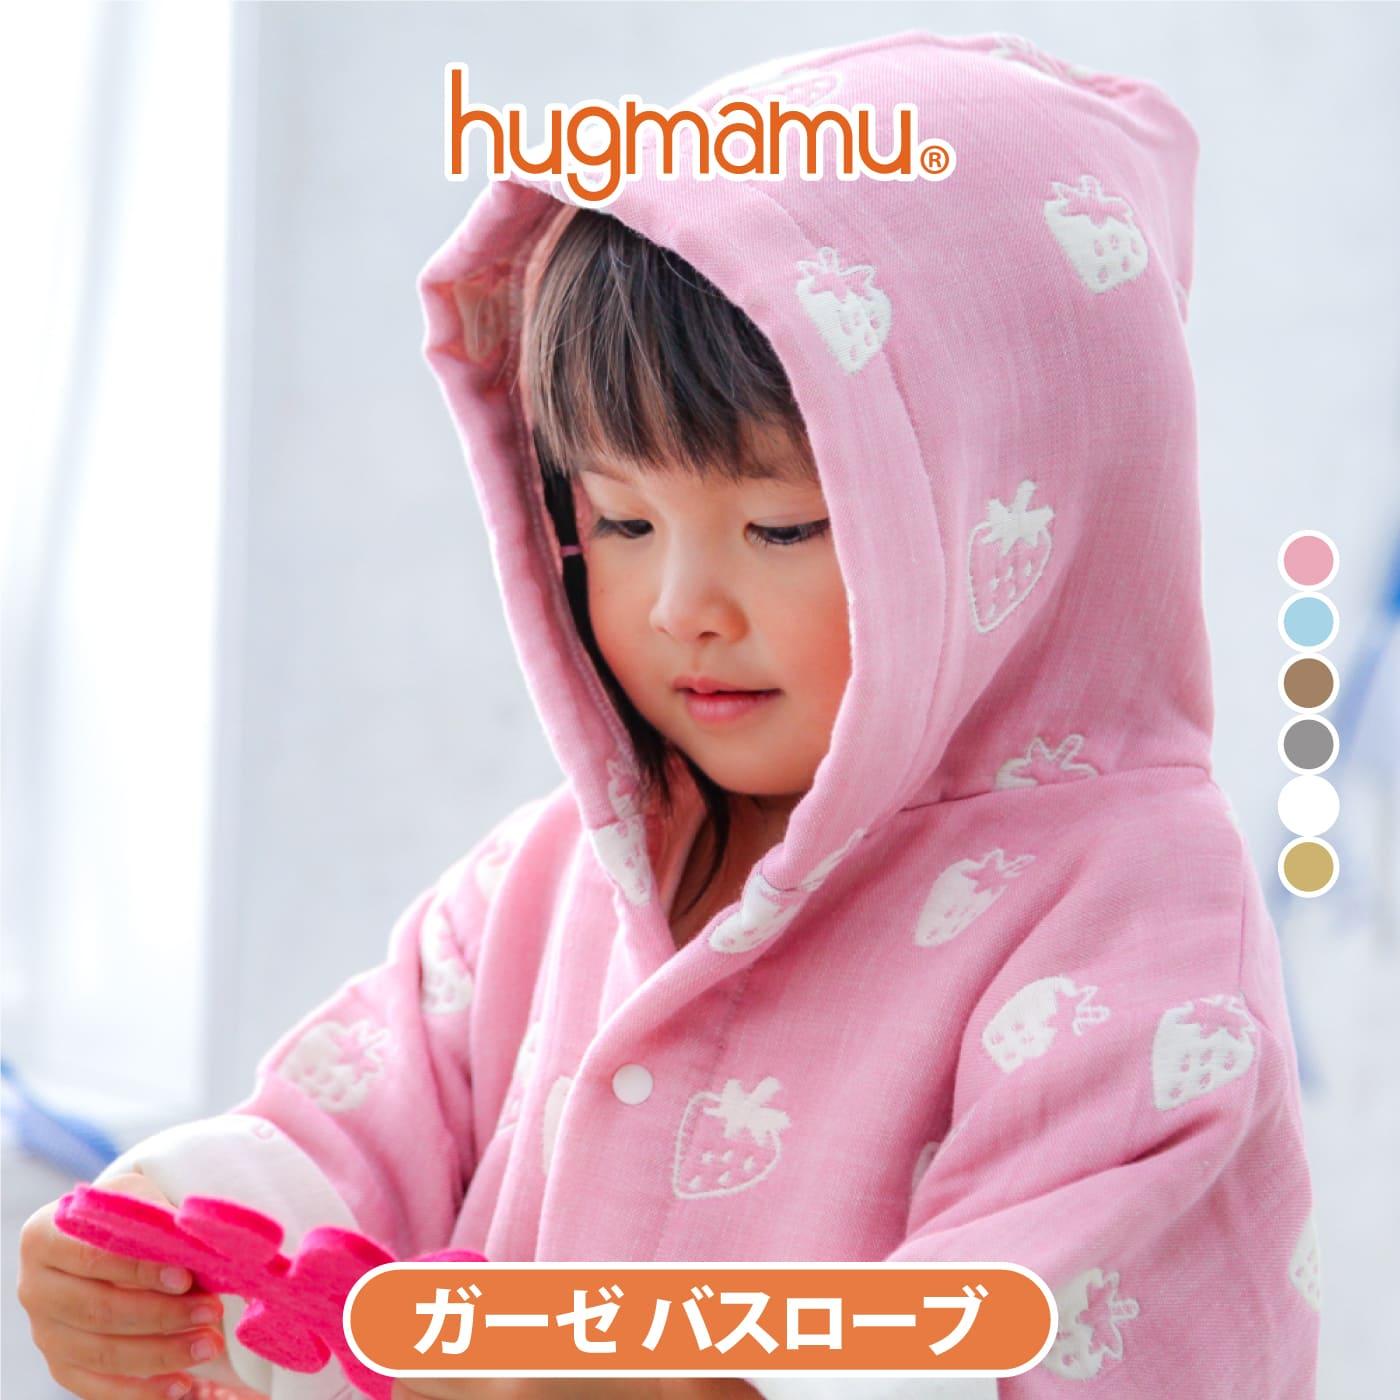 バスローブ 5重 赤ちゃん 子供 出産祝い ギフトにも ベビー 5重ガーゼ はぐまむ 再入荷 全品最安値に挑戦 予約販売 日本製 キッズ